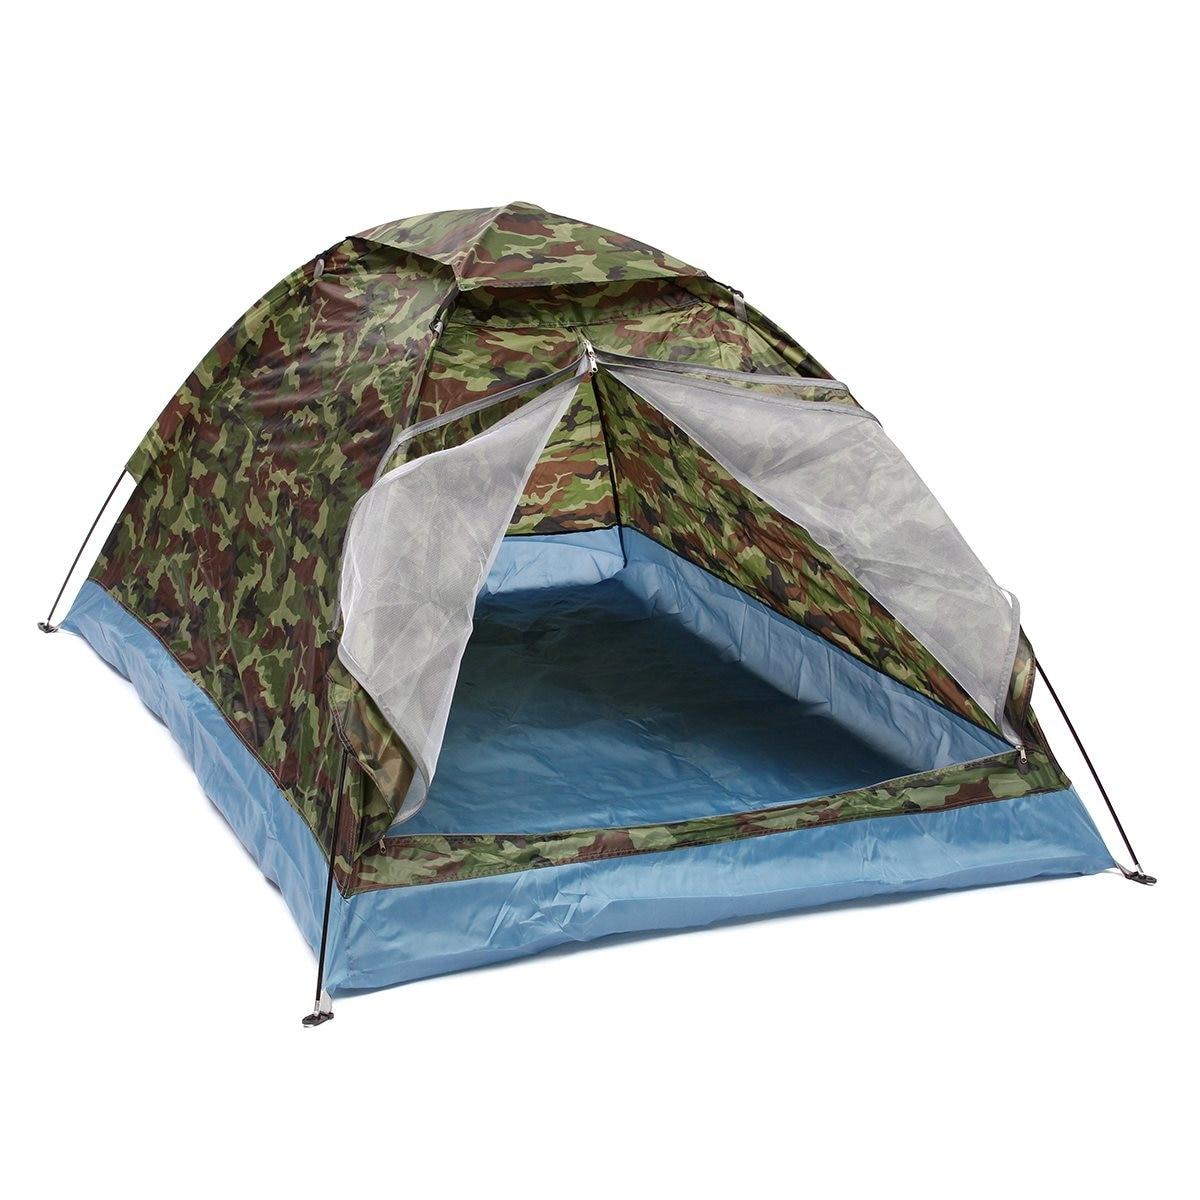 Outdoor 200*140*110 cm Oxford panno PU rivestimento impermeabile 4 stagioni 2 persone singolo strato di campeggio del Camuffamento tenda trekking